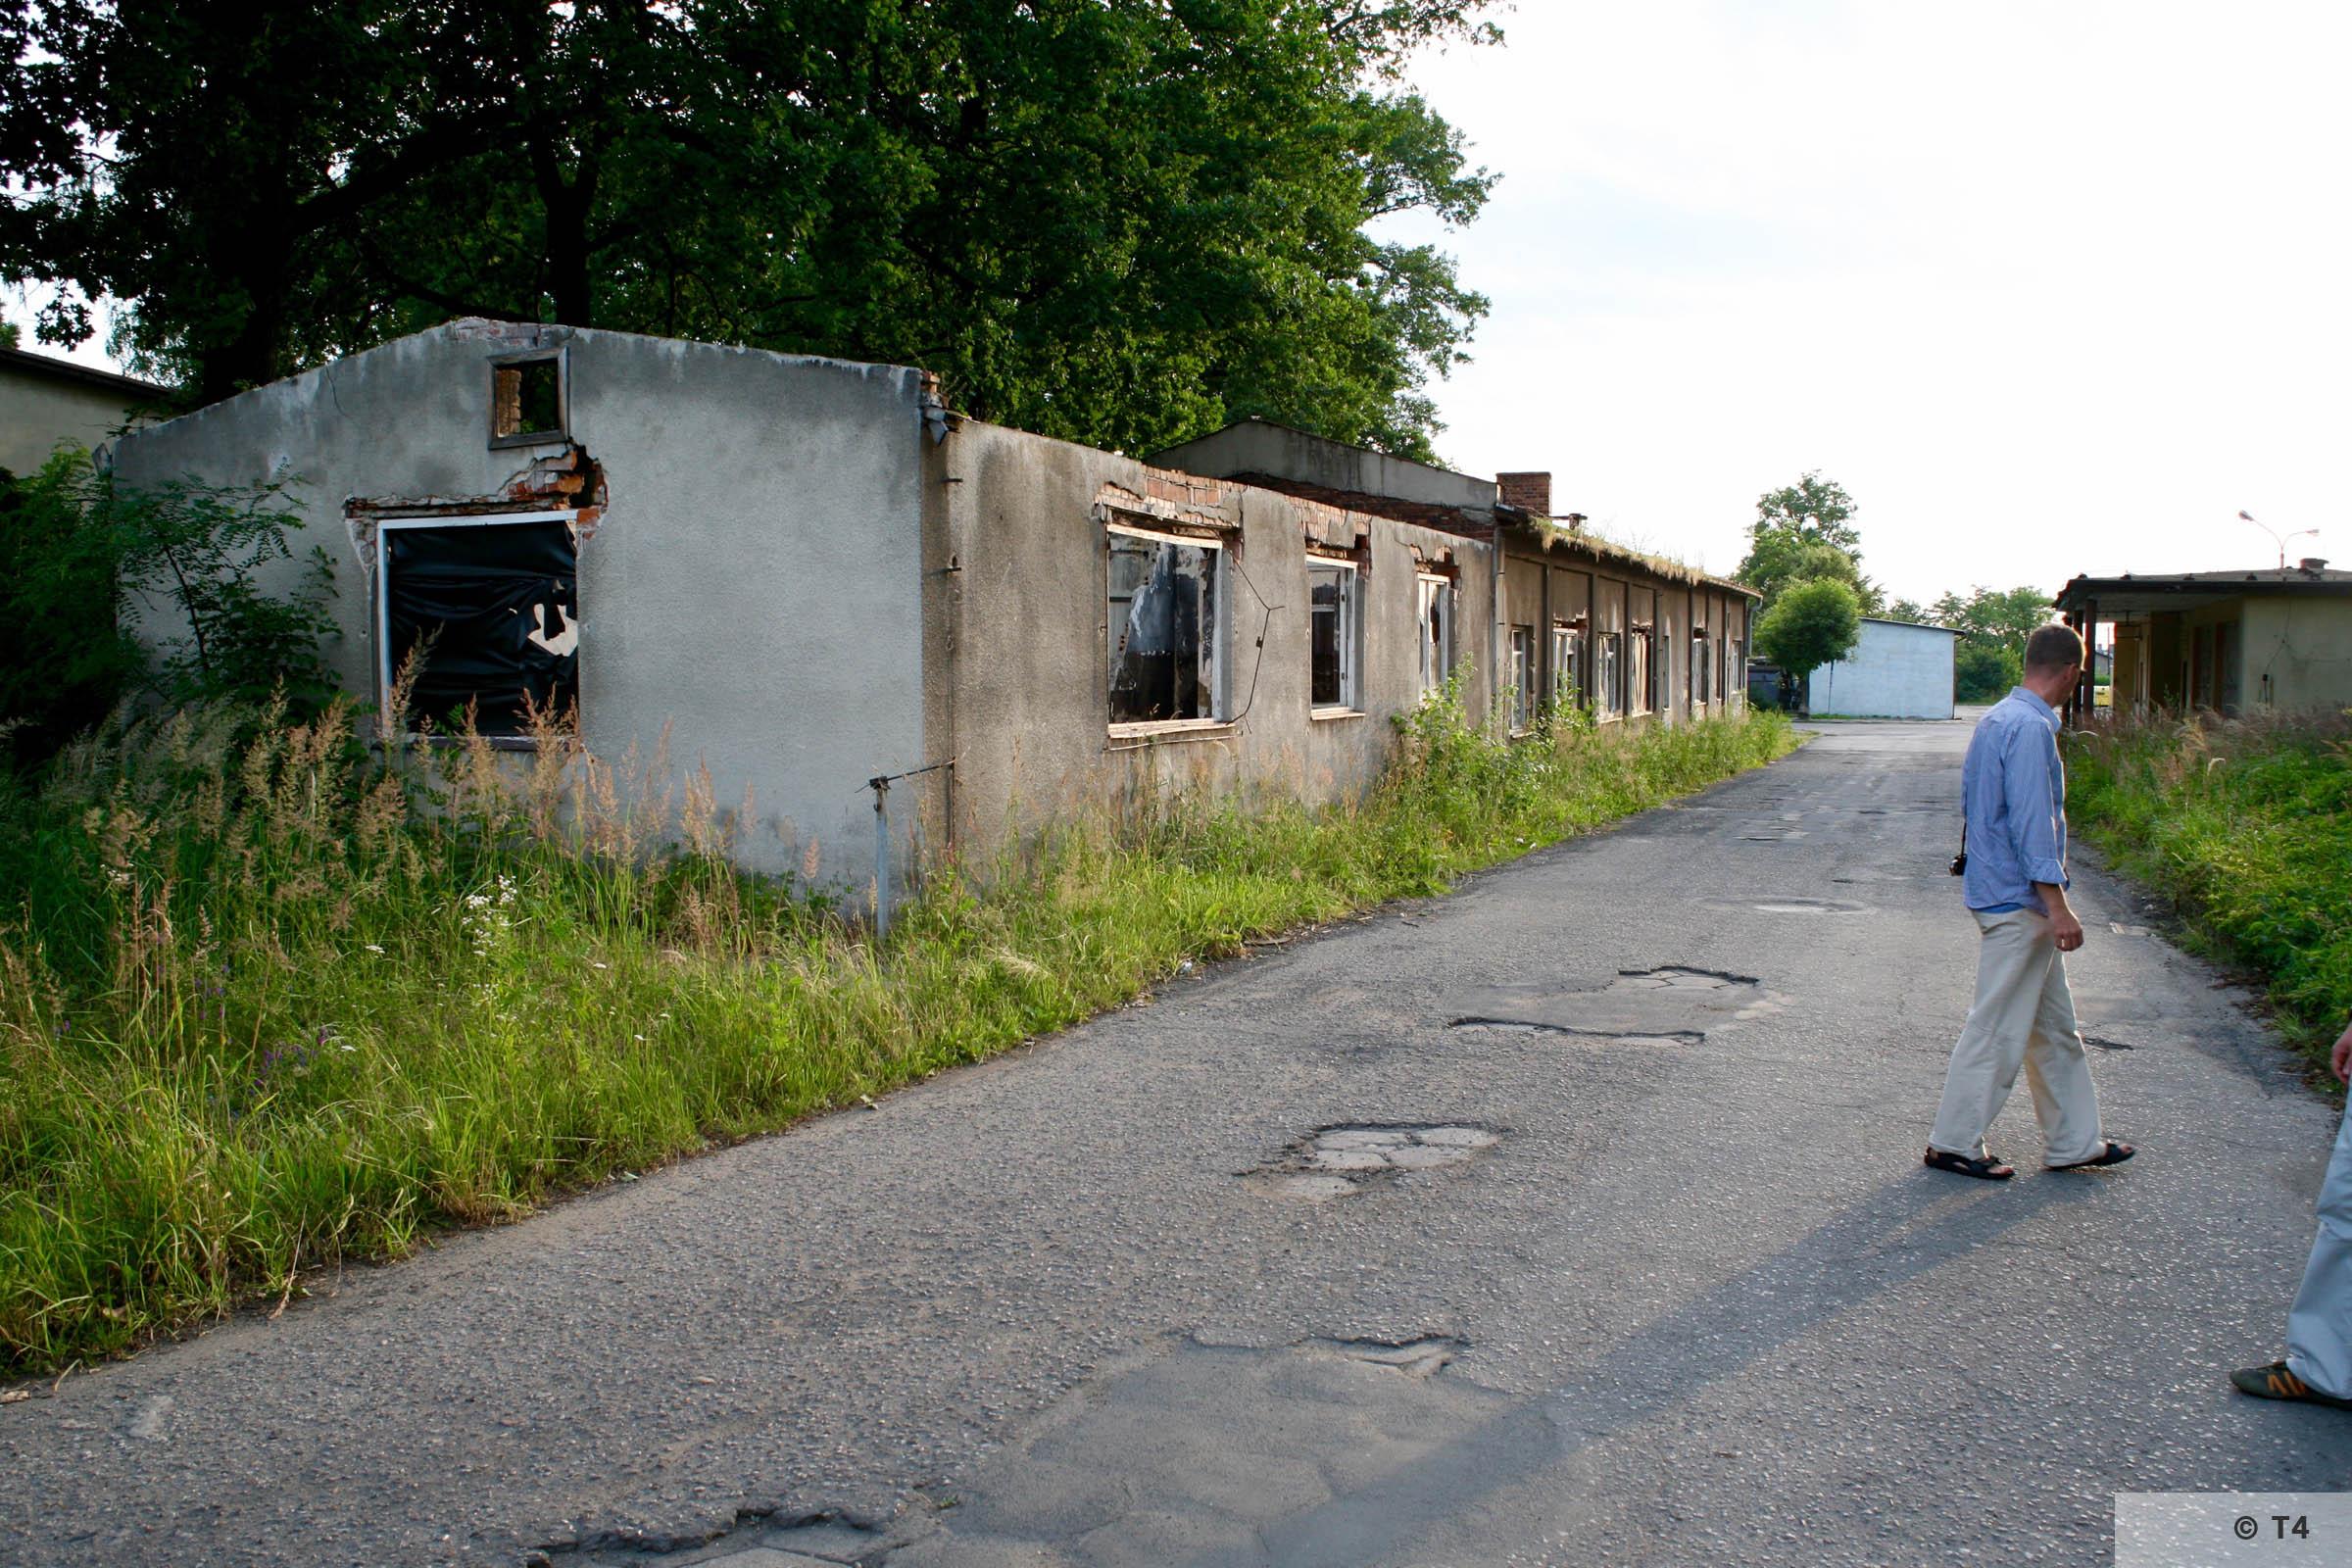 Andrzej III mine shaft in Jawiszowice. Barracks in front. 2007 T4 9072